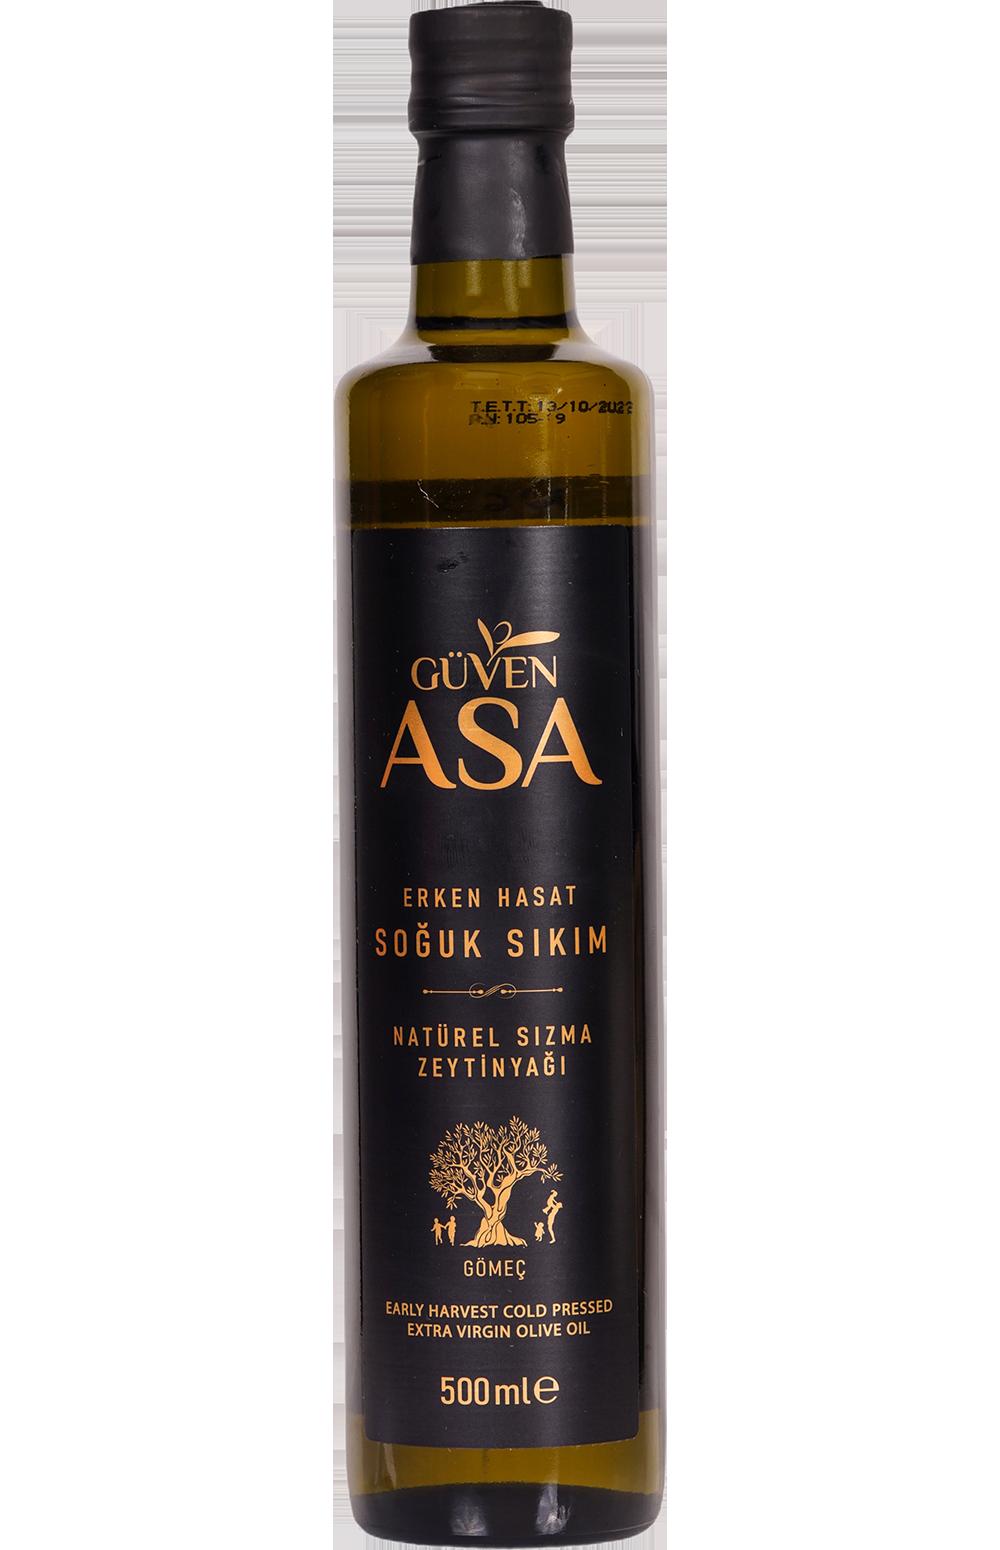 Guven Asa